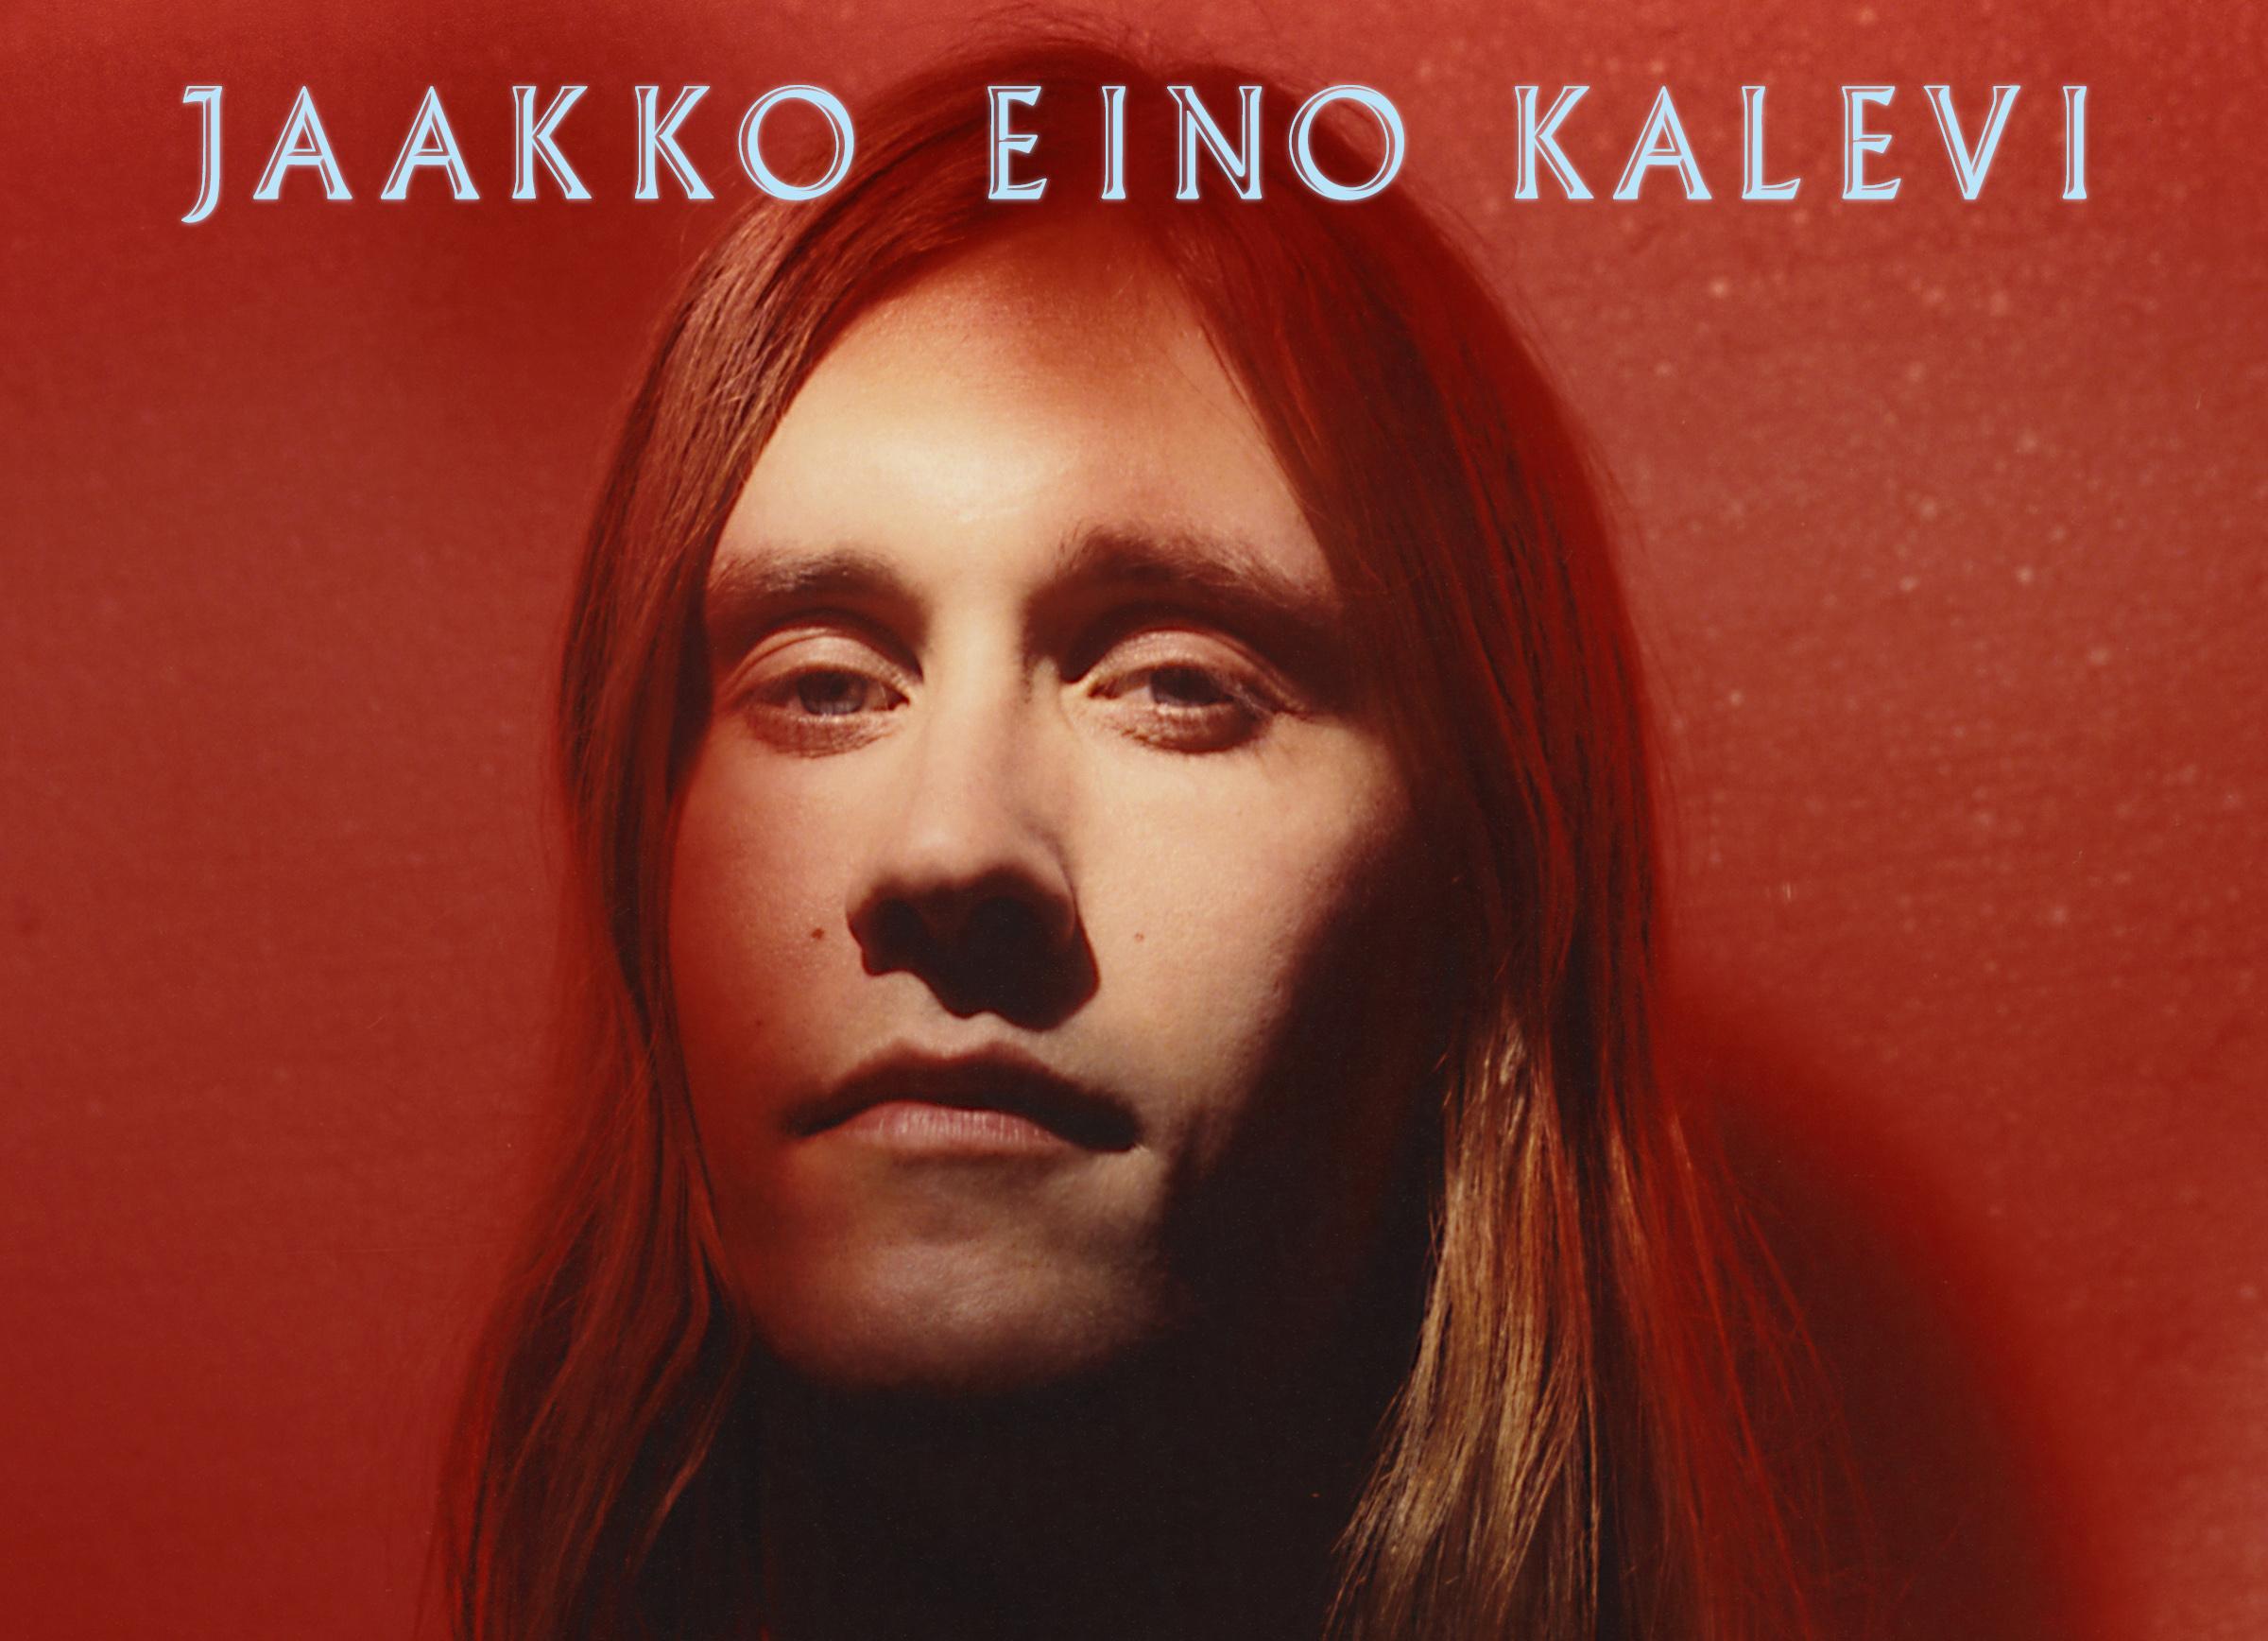 Albums Of The Year So Far: Jaakko Eino Kalevi – Jaakko Eino Kalevi